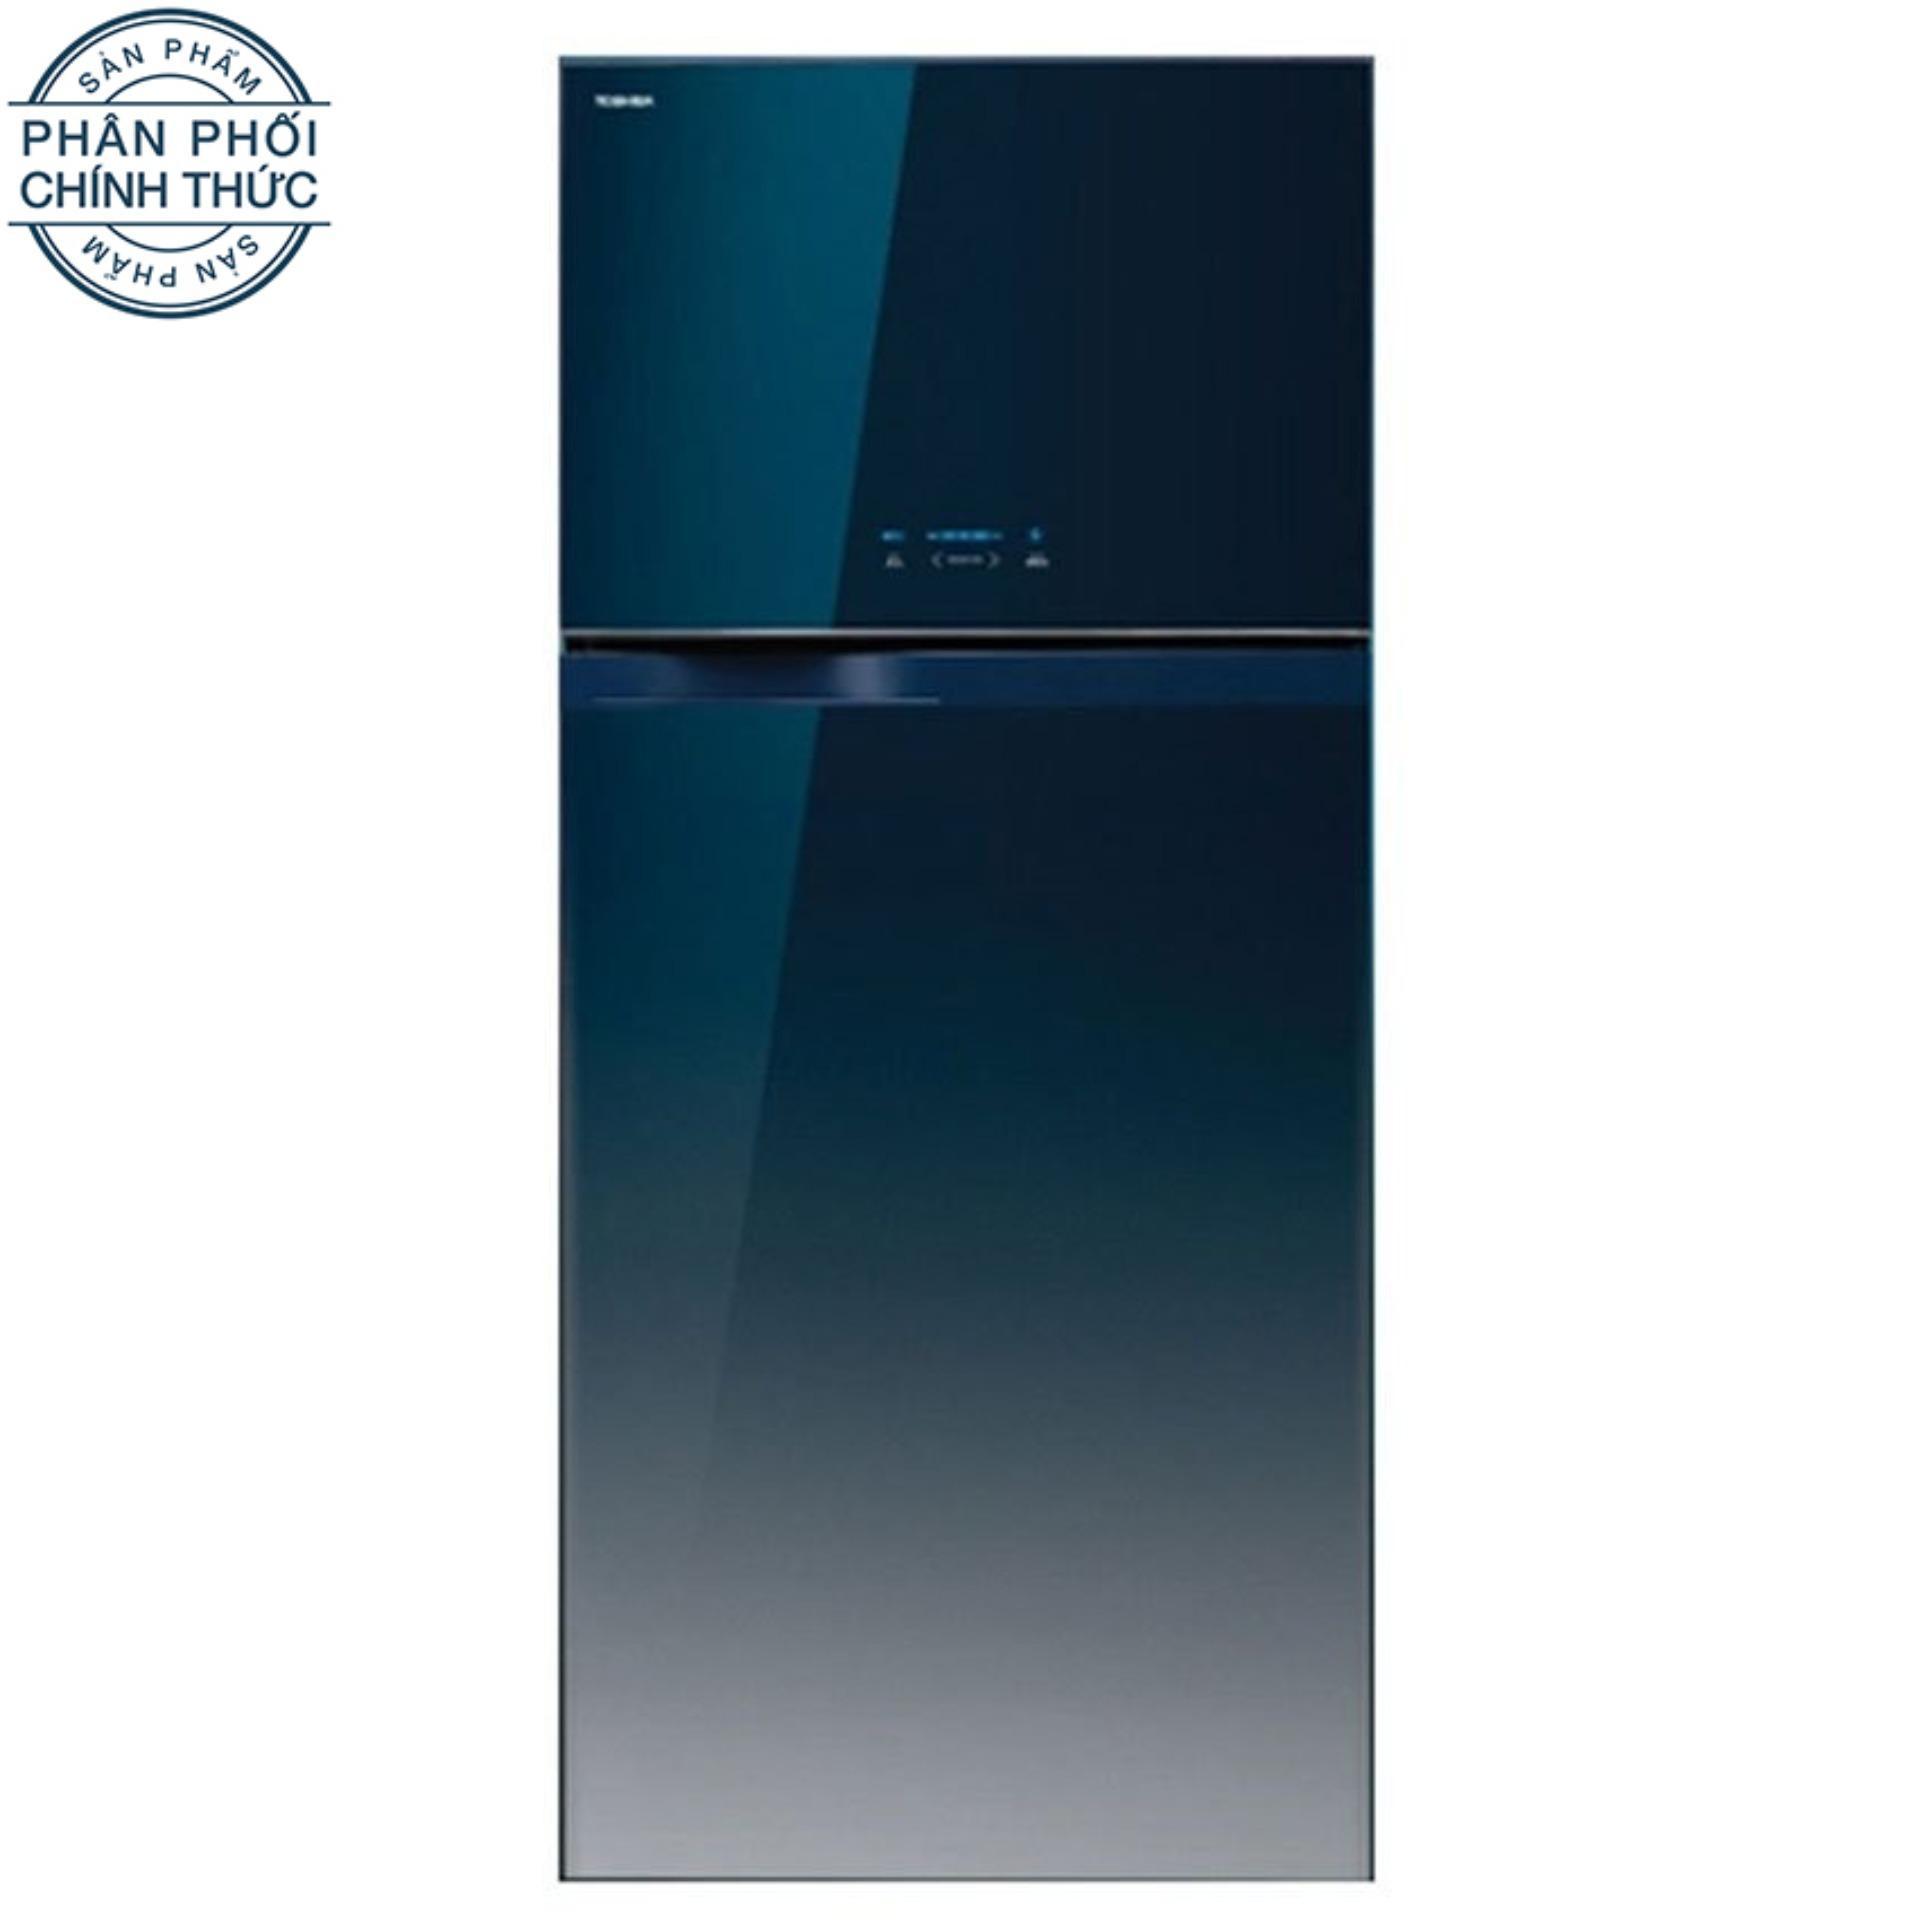 Bán Tủ Lạnh Toshiba Gr Wg66Vdaz Gg 600 Lit Xanh Toshiba Người Bán Sỉ